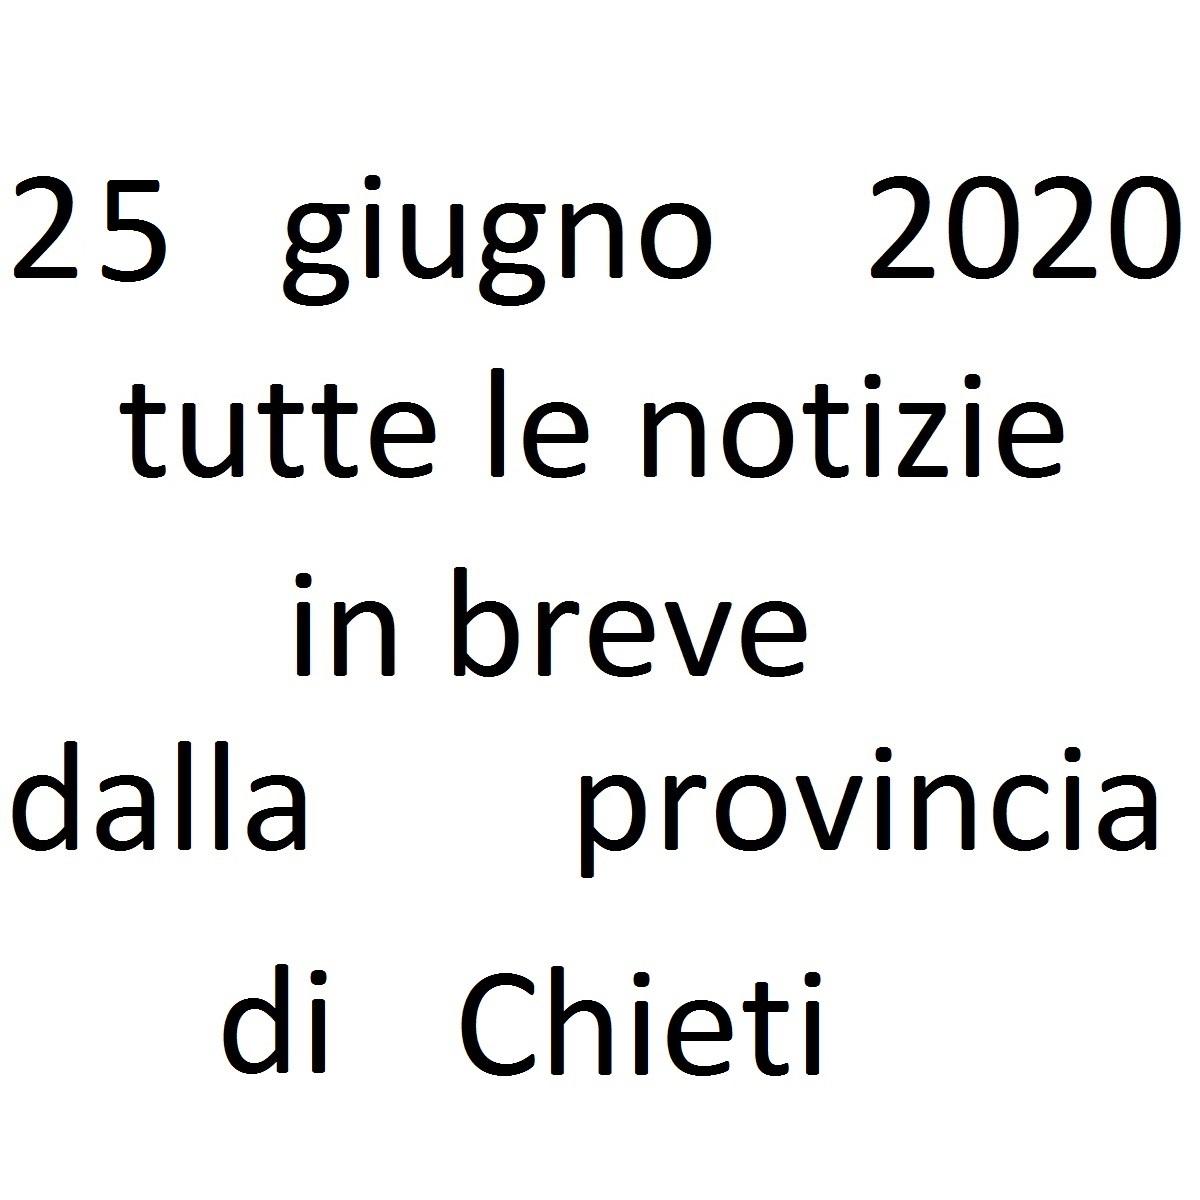 25 giugno 2020 notizie in breve dalla Provincia di Chieti foto